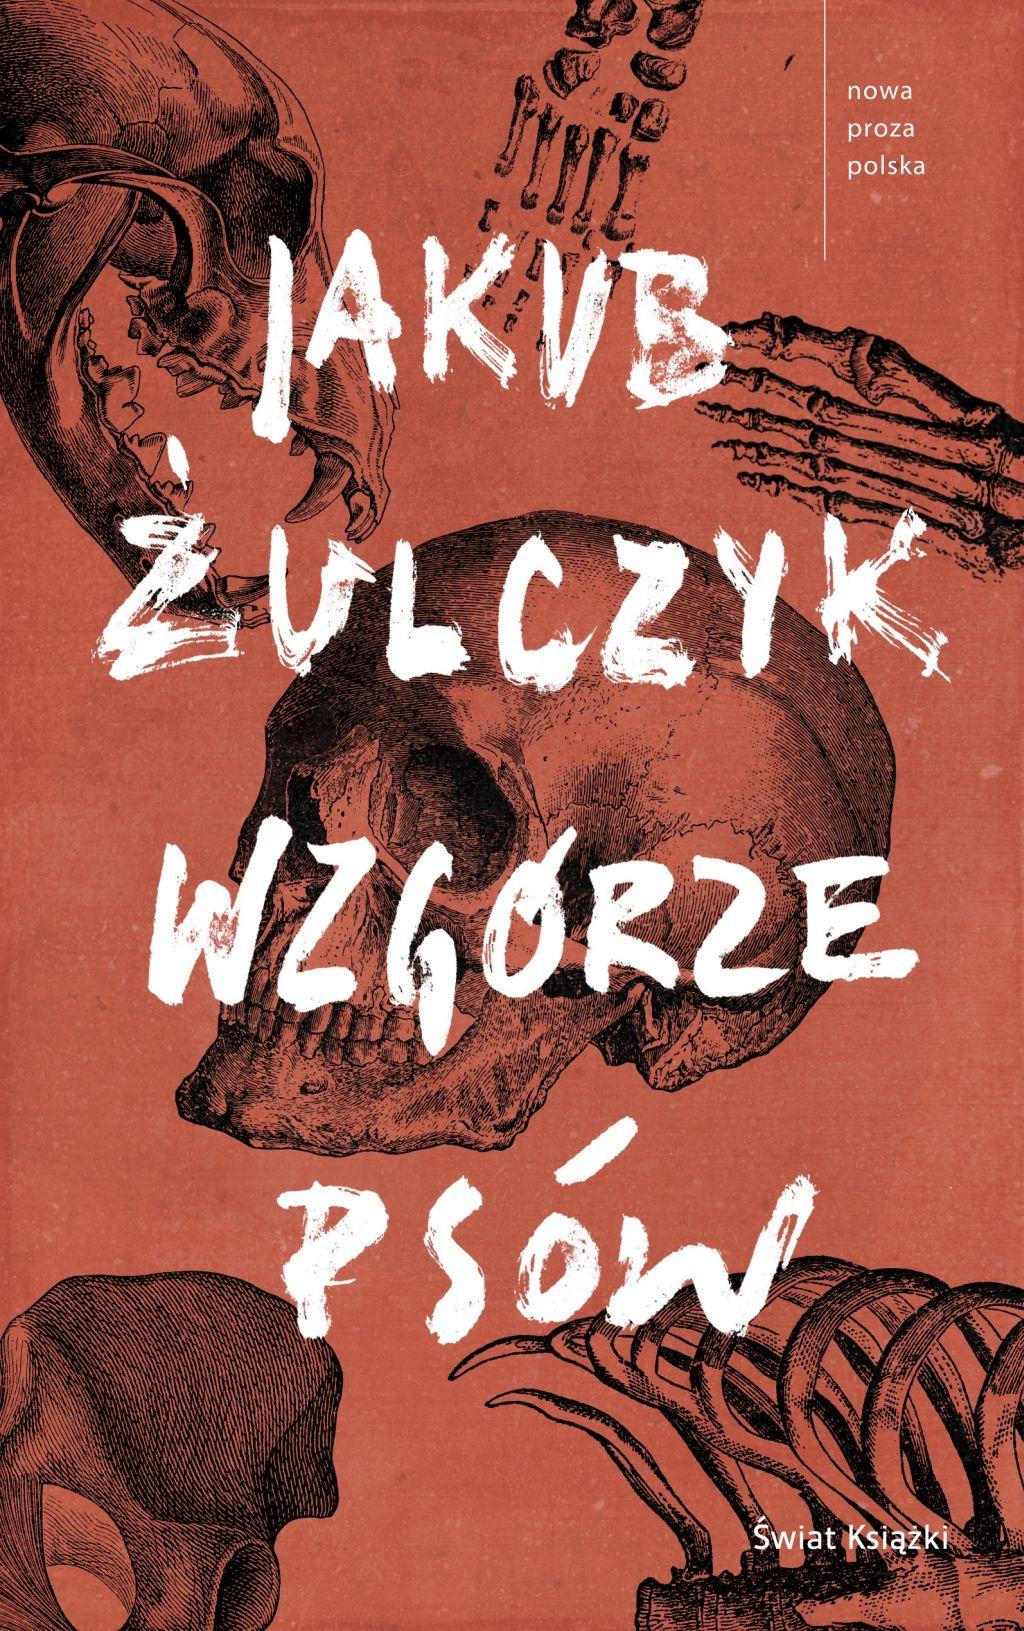 """Jakub Żulczyk, """"Wzgórze psów"""" (źródło: materiały prasowe wydawcy)"""